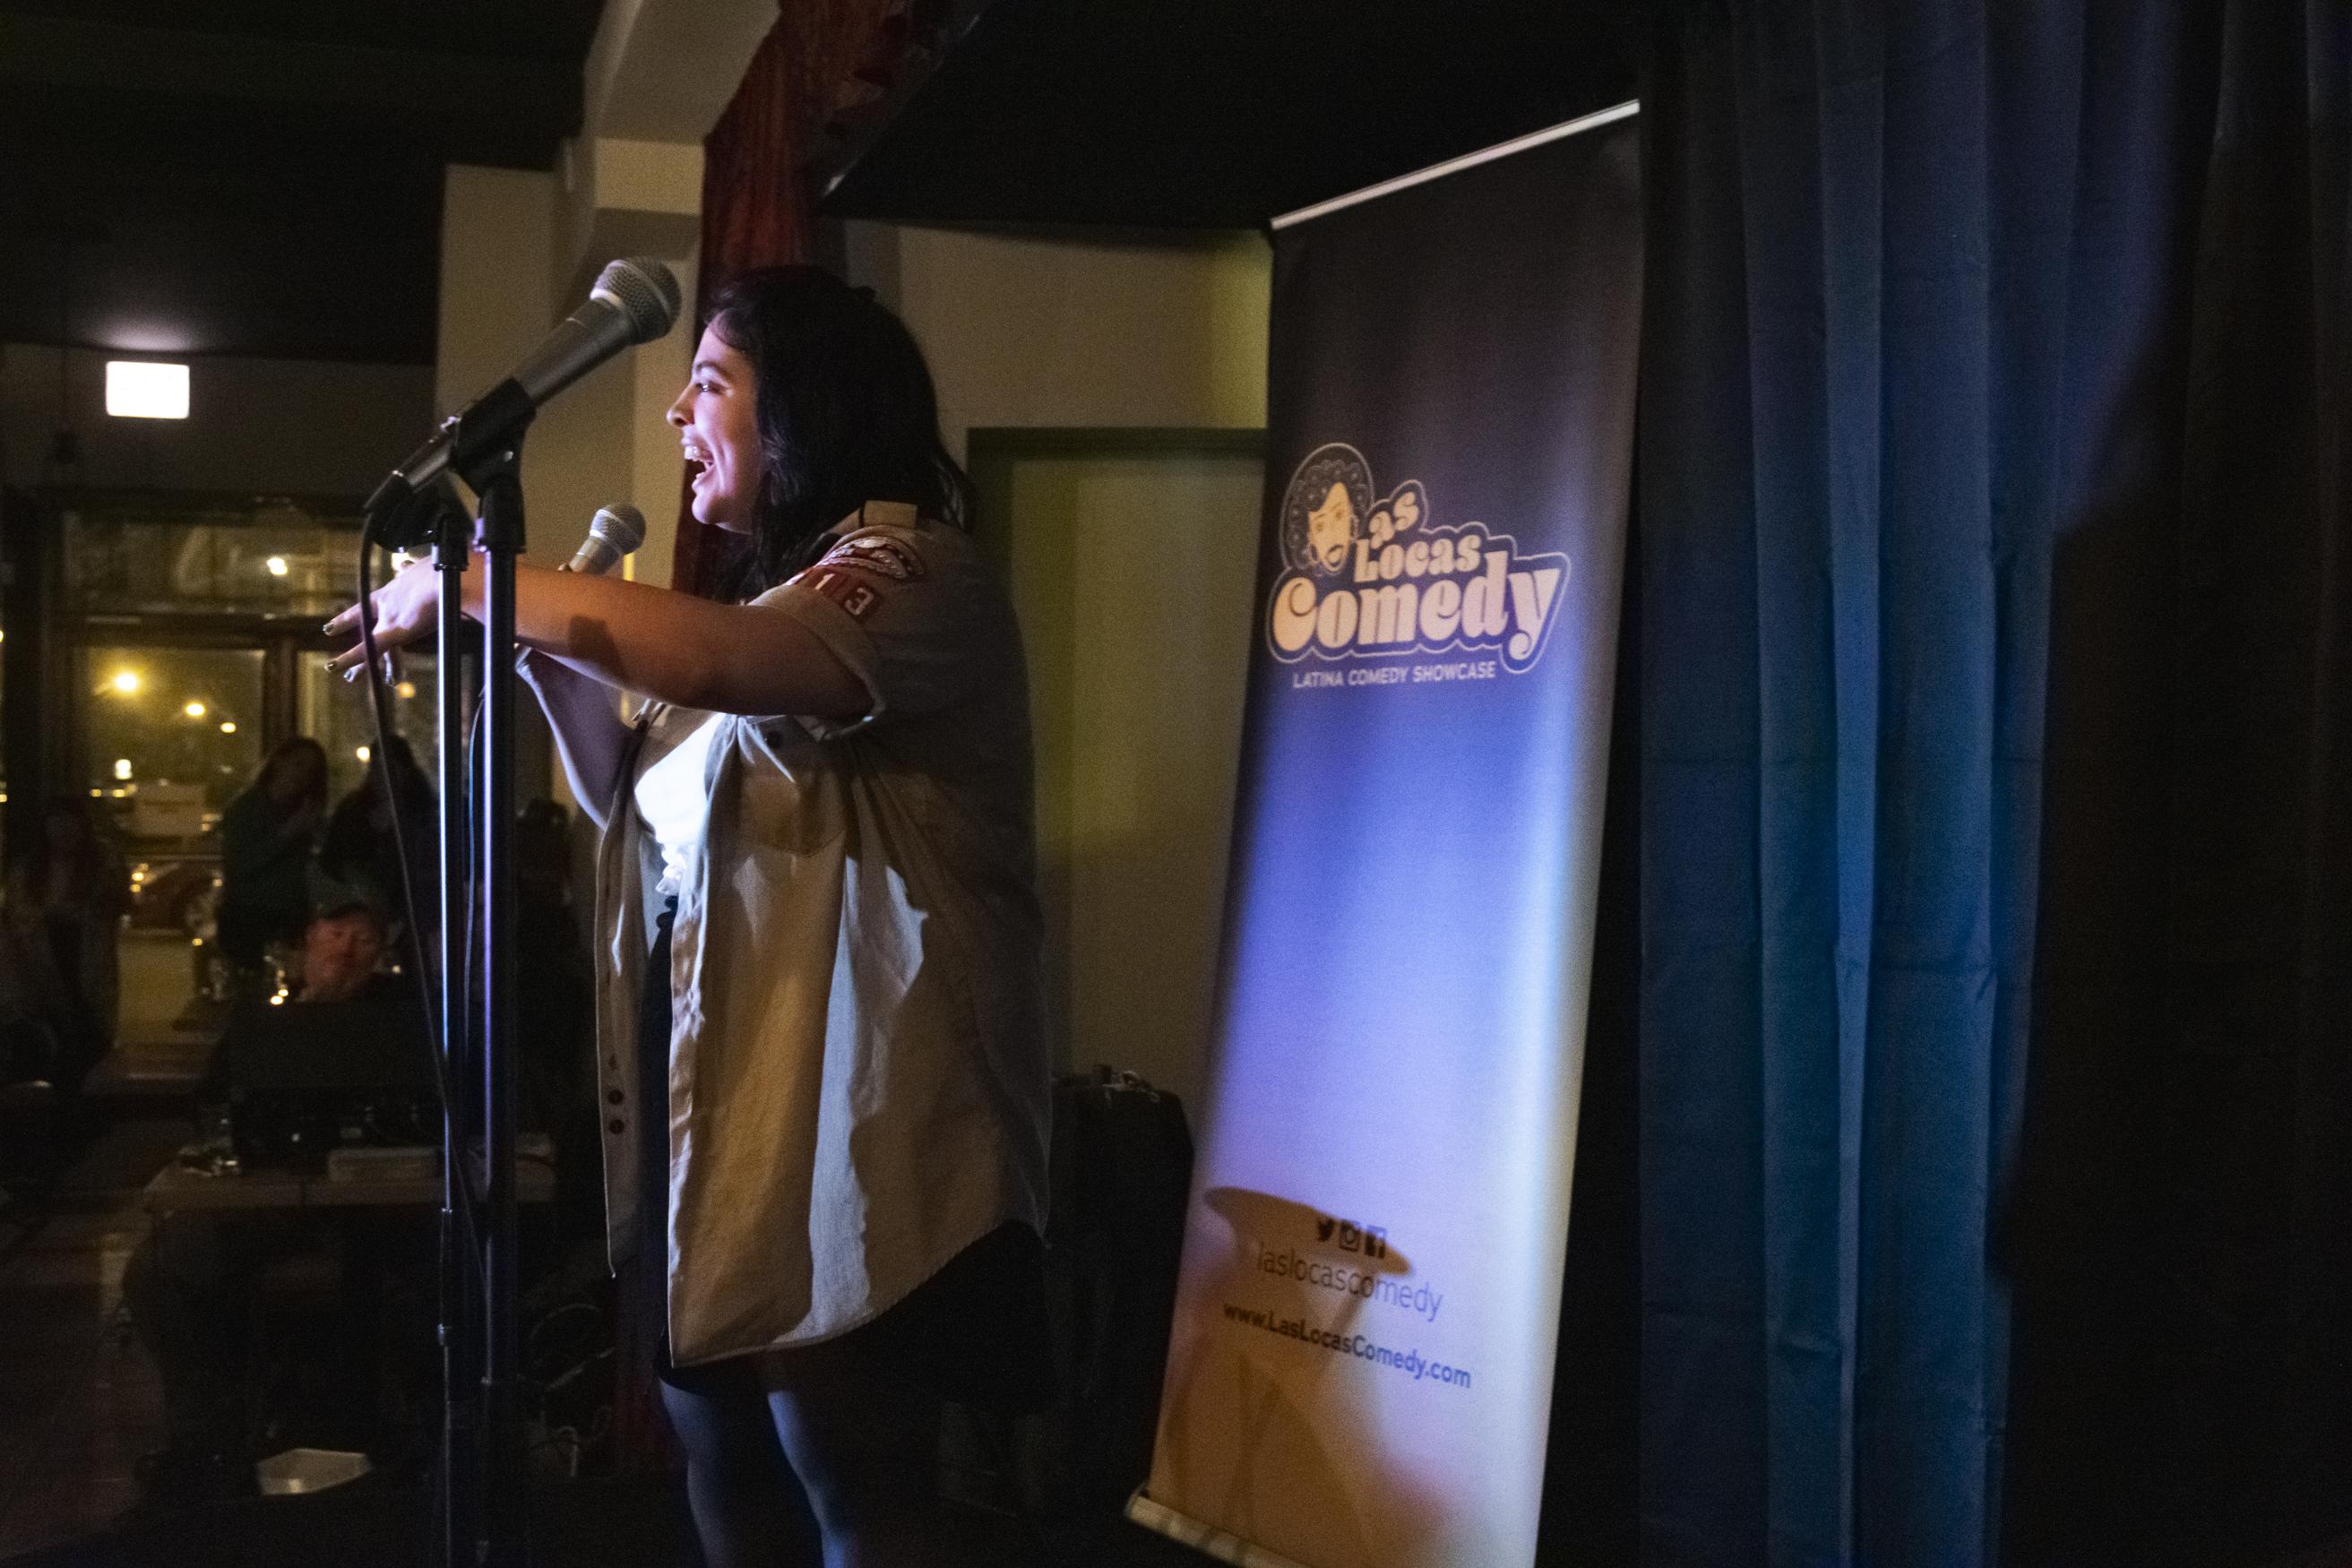 Las Locas Comedy Presents: ¡Loca Madness!